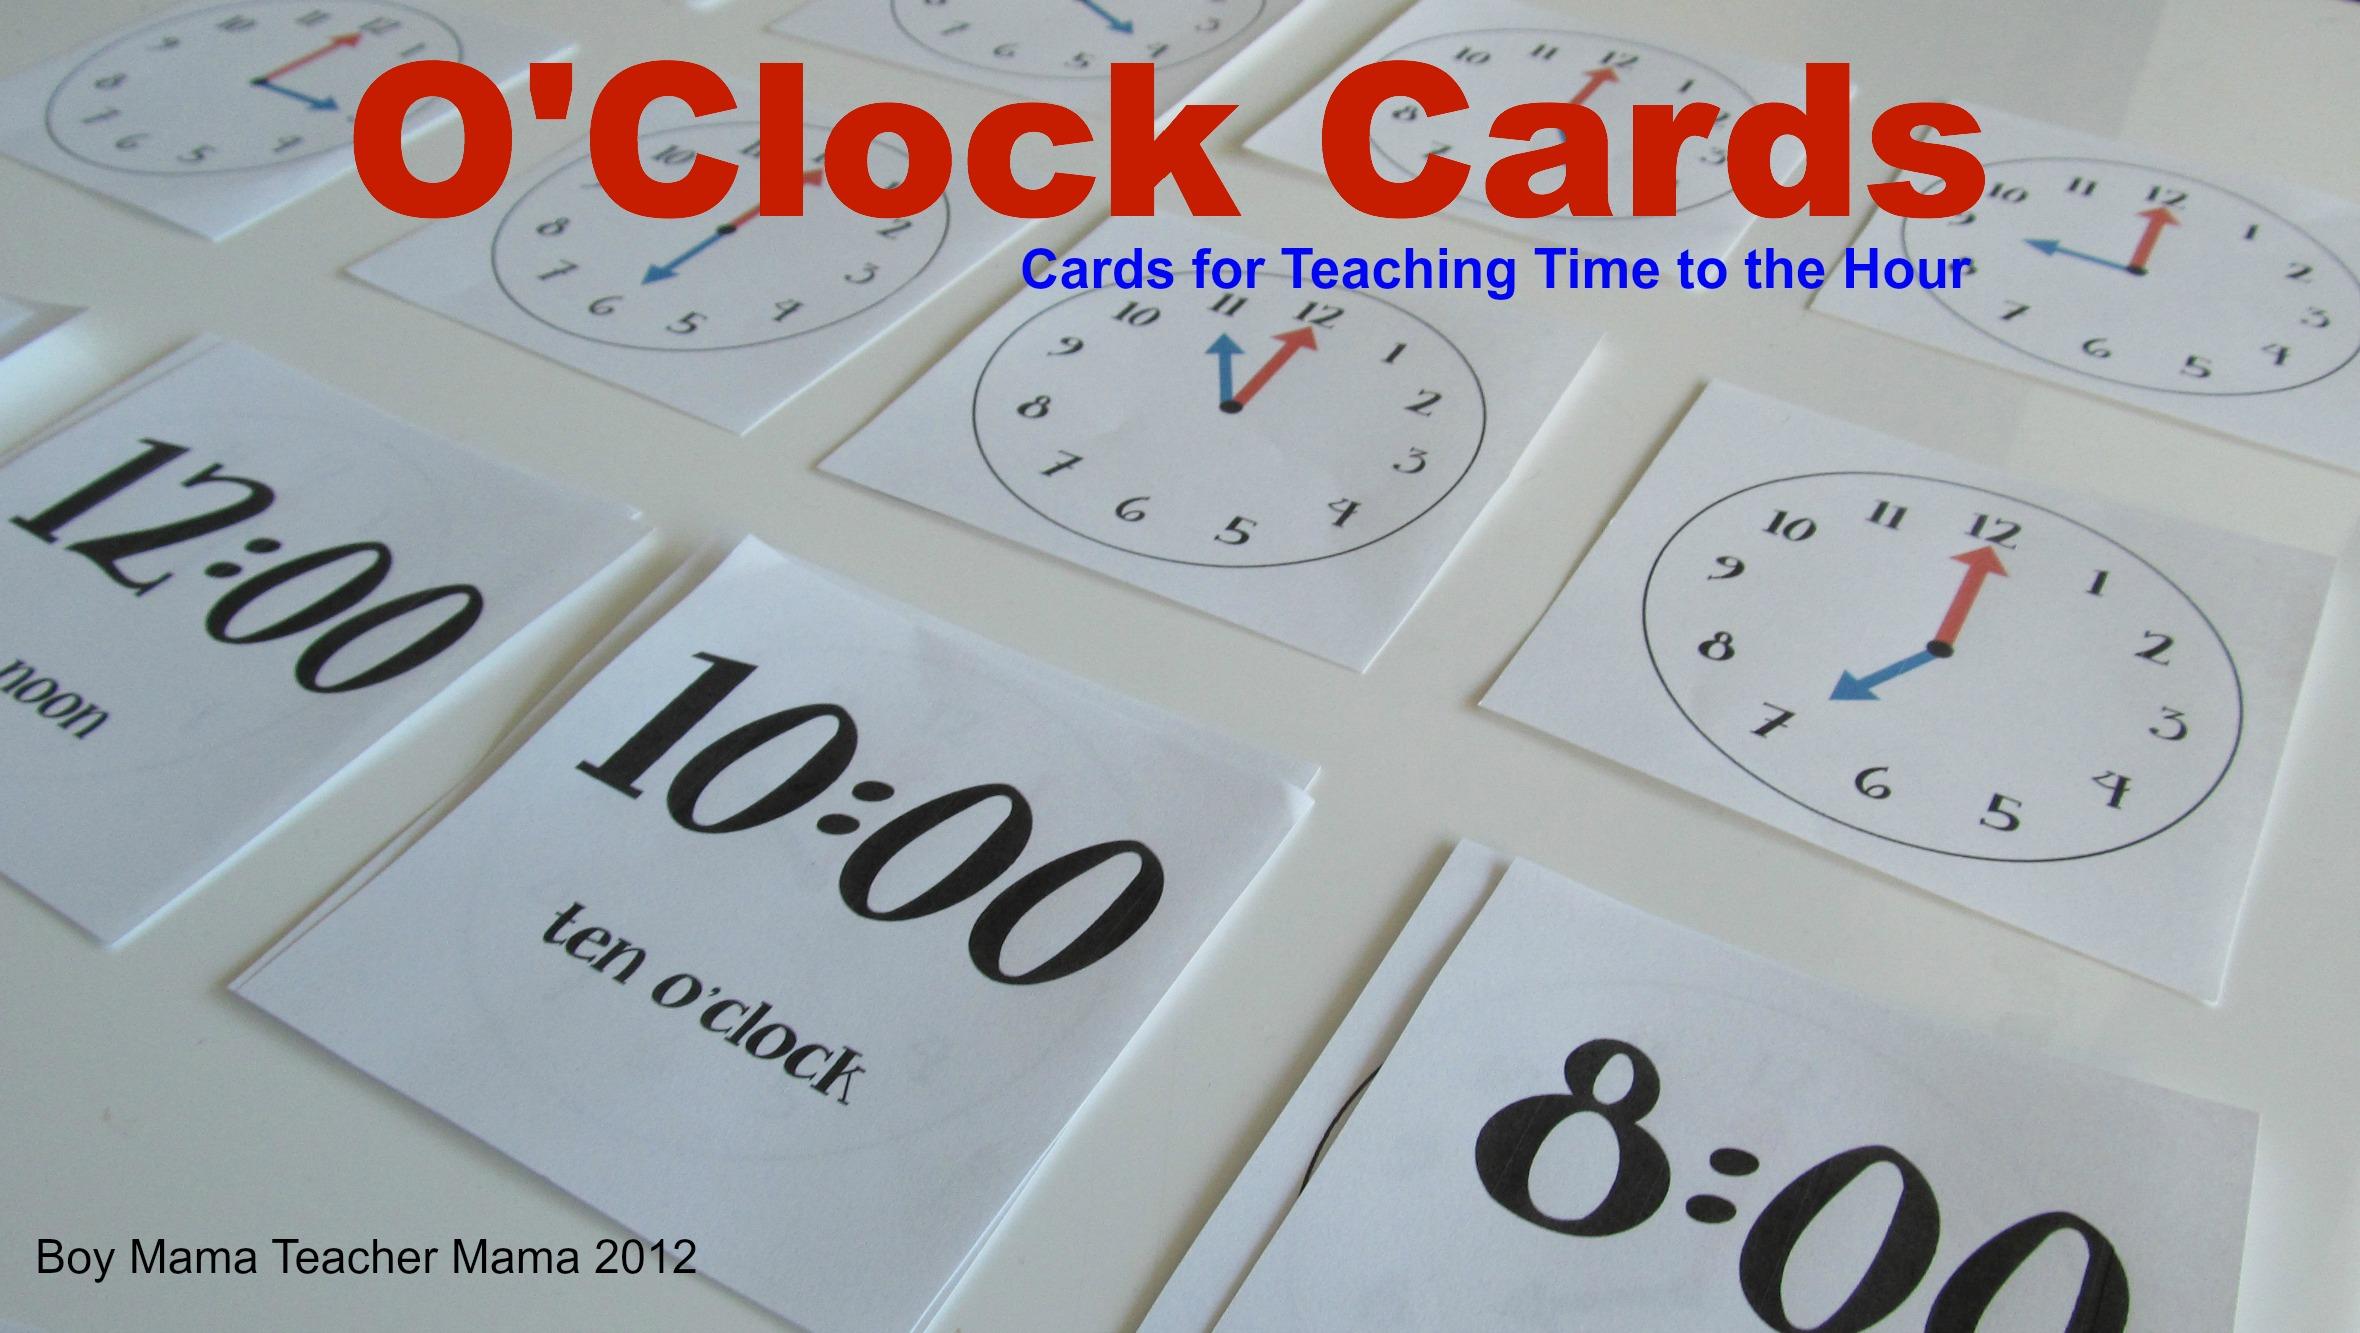 O'clock Cards